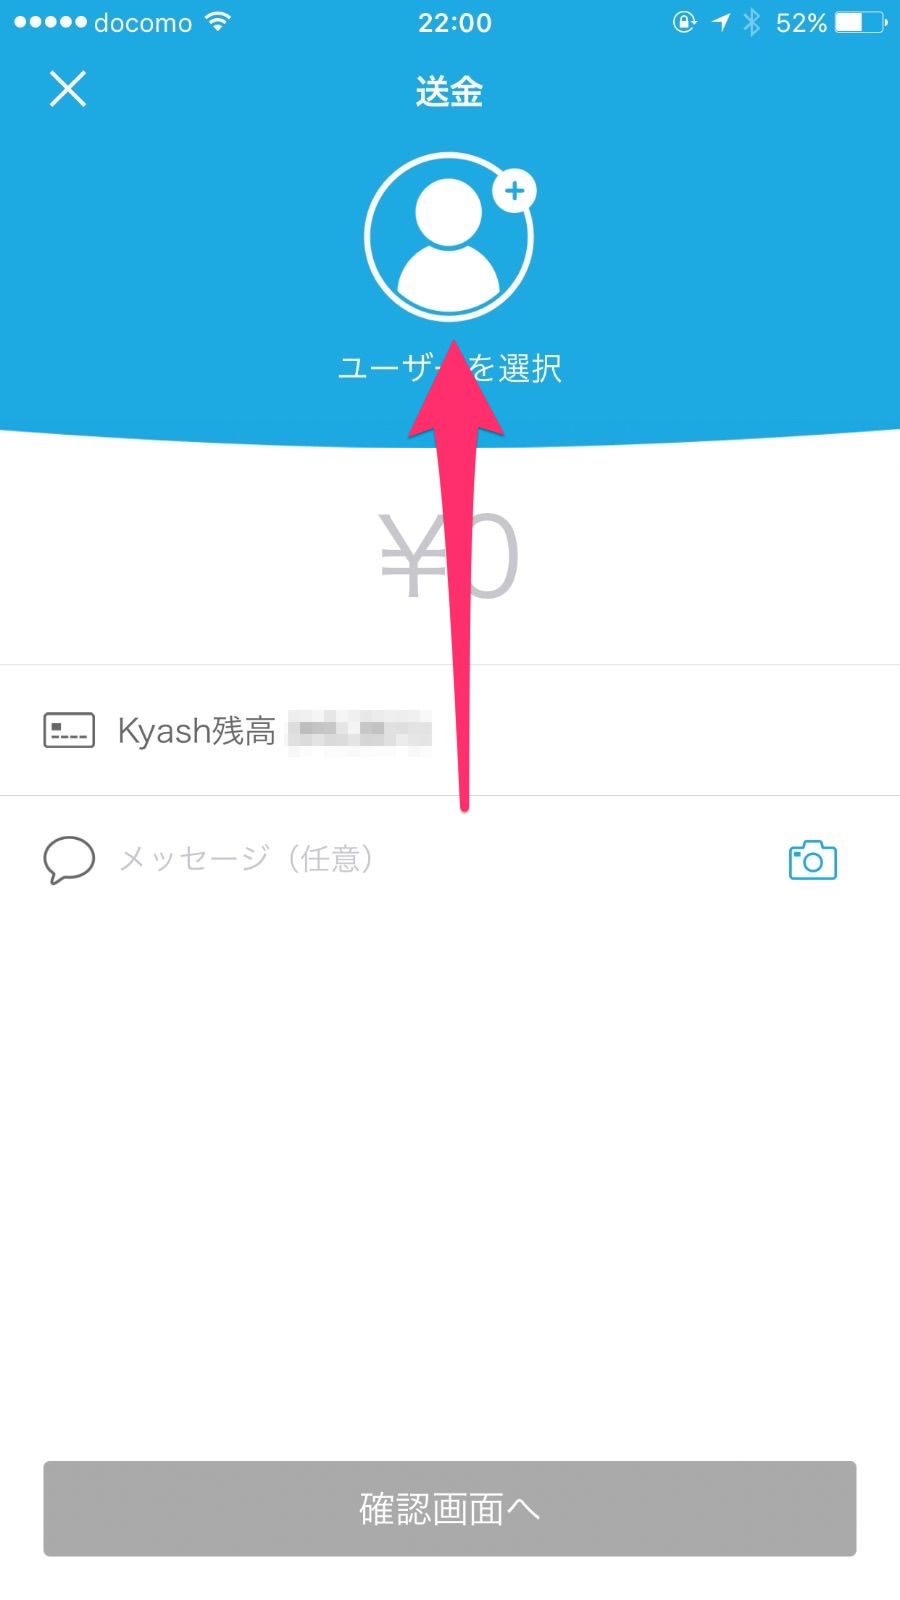 Kyash 9379